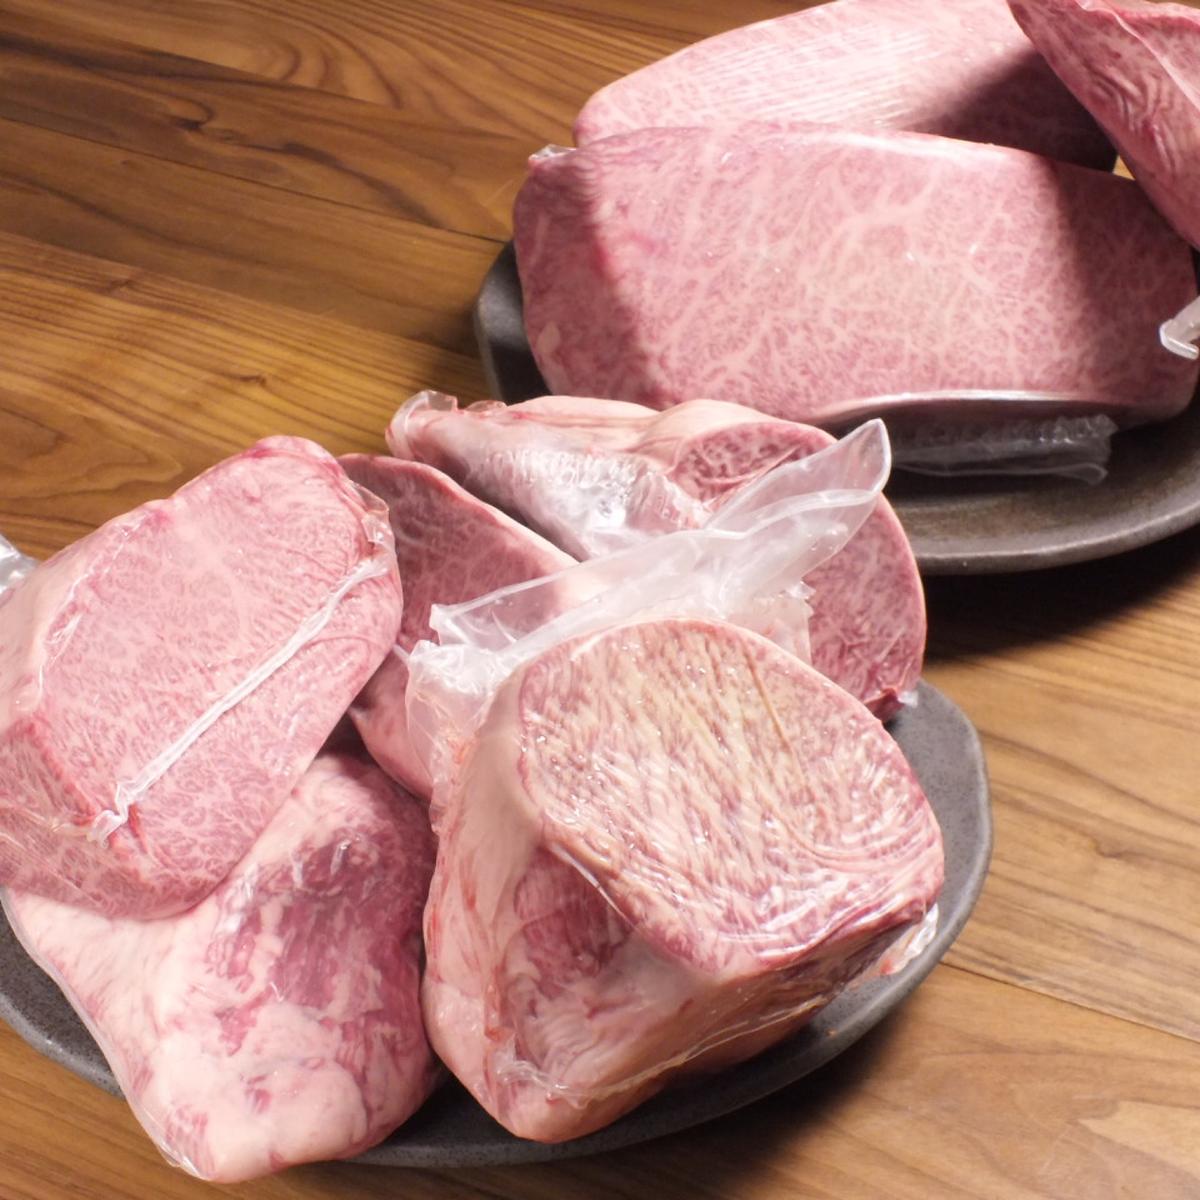 お肉へのこだわり、雌牛へのこだわり